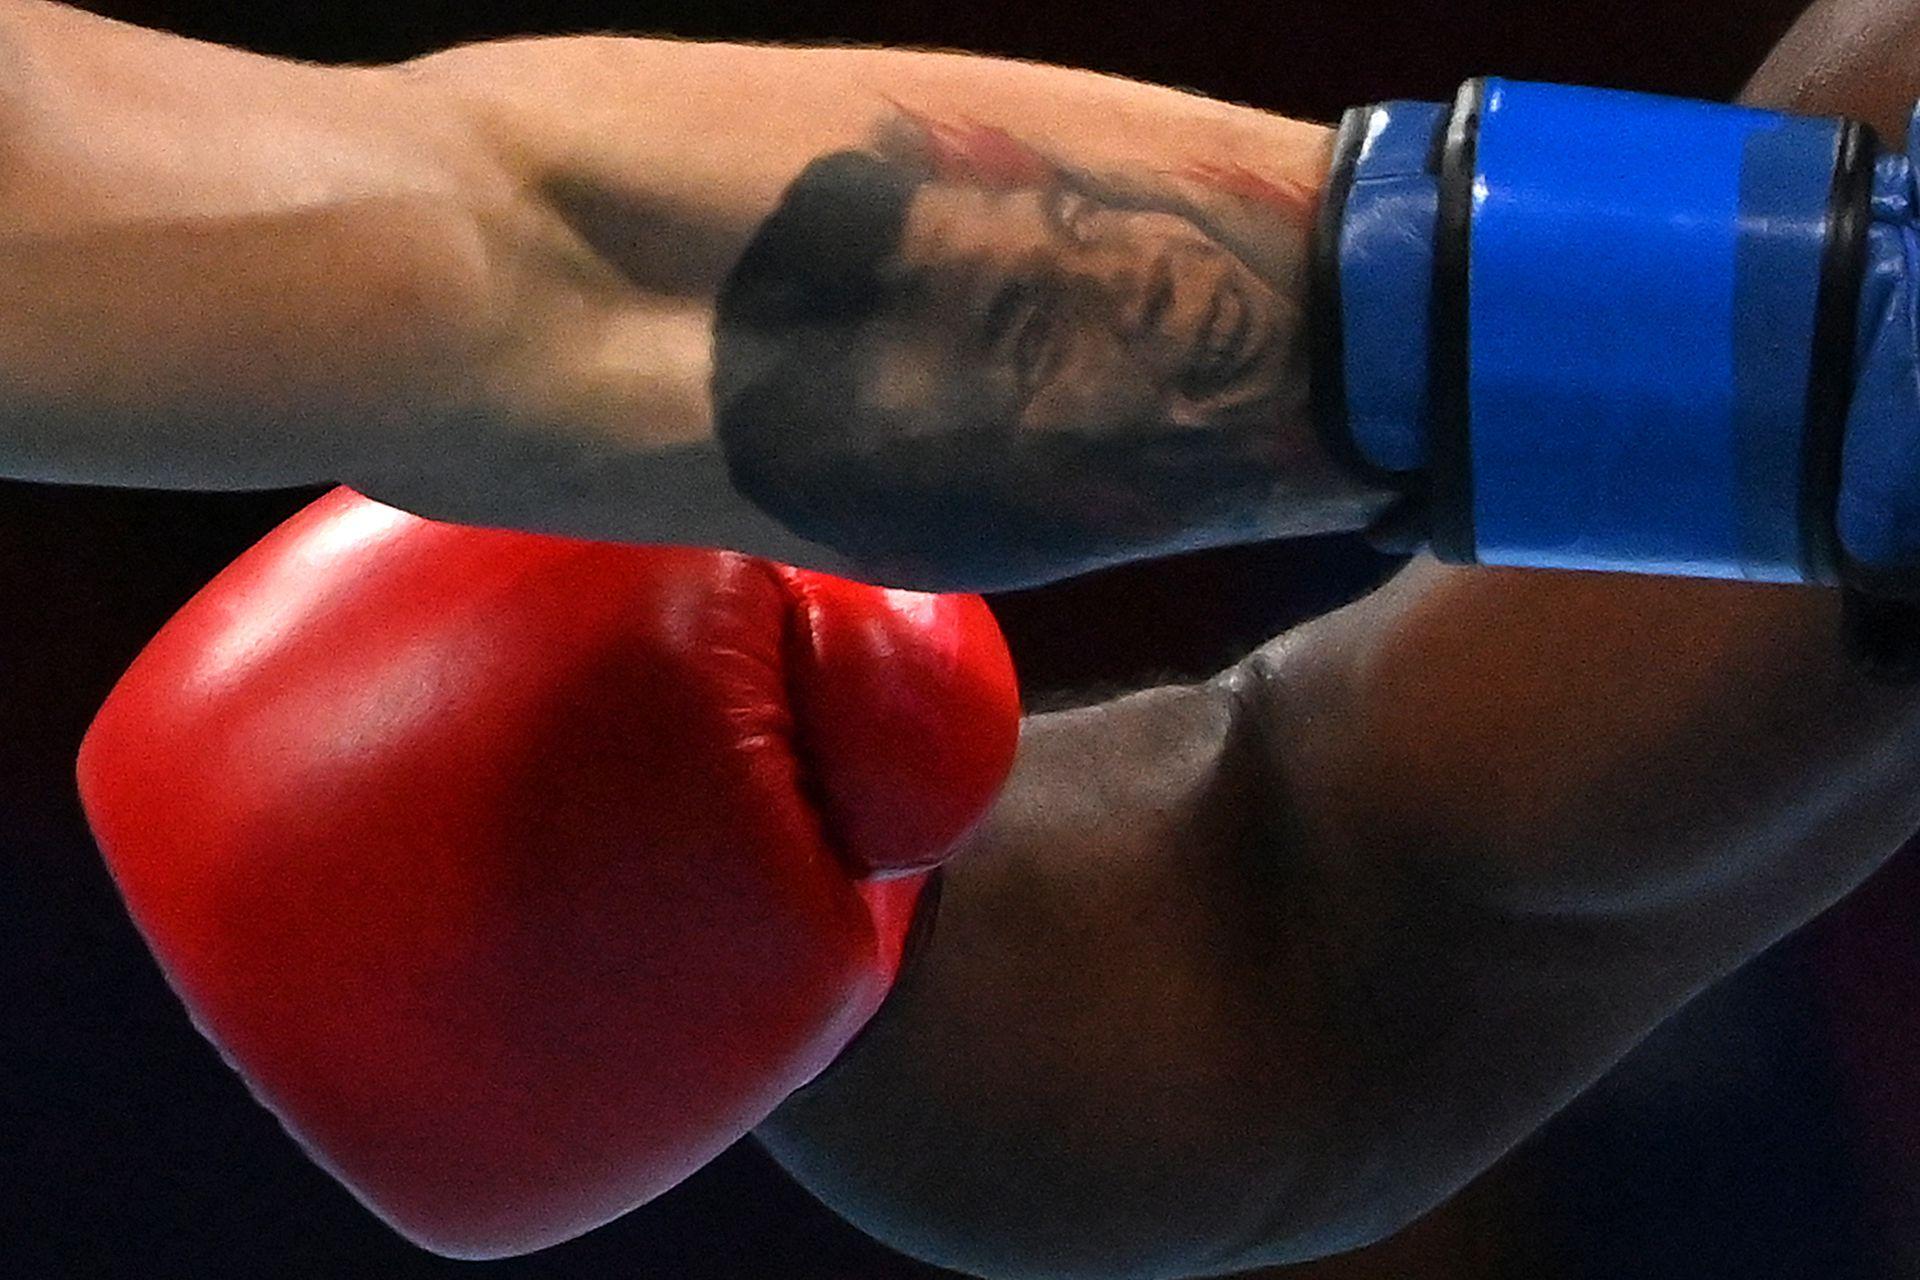 Aaron Solomon Prince de Trinidad y Tobago (rojo) y Andrej Csemez de Eslovaquia pelean durante su combate de boxeo preliminar de peso medio masculino (69-75 kg) durante los Juegos Olímpicos de Tokio 2020 en el Kokugikan Arena de Tokio el 26 de julio de 2021